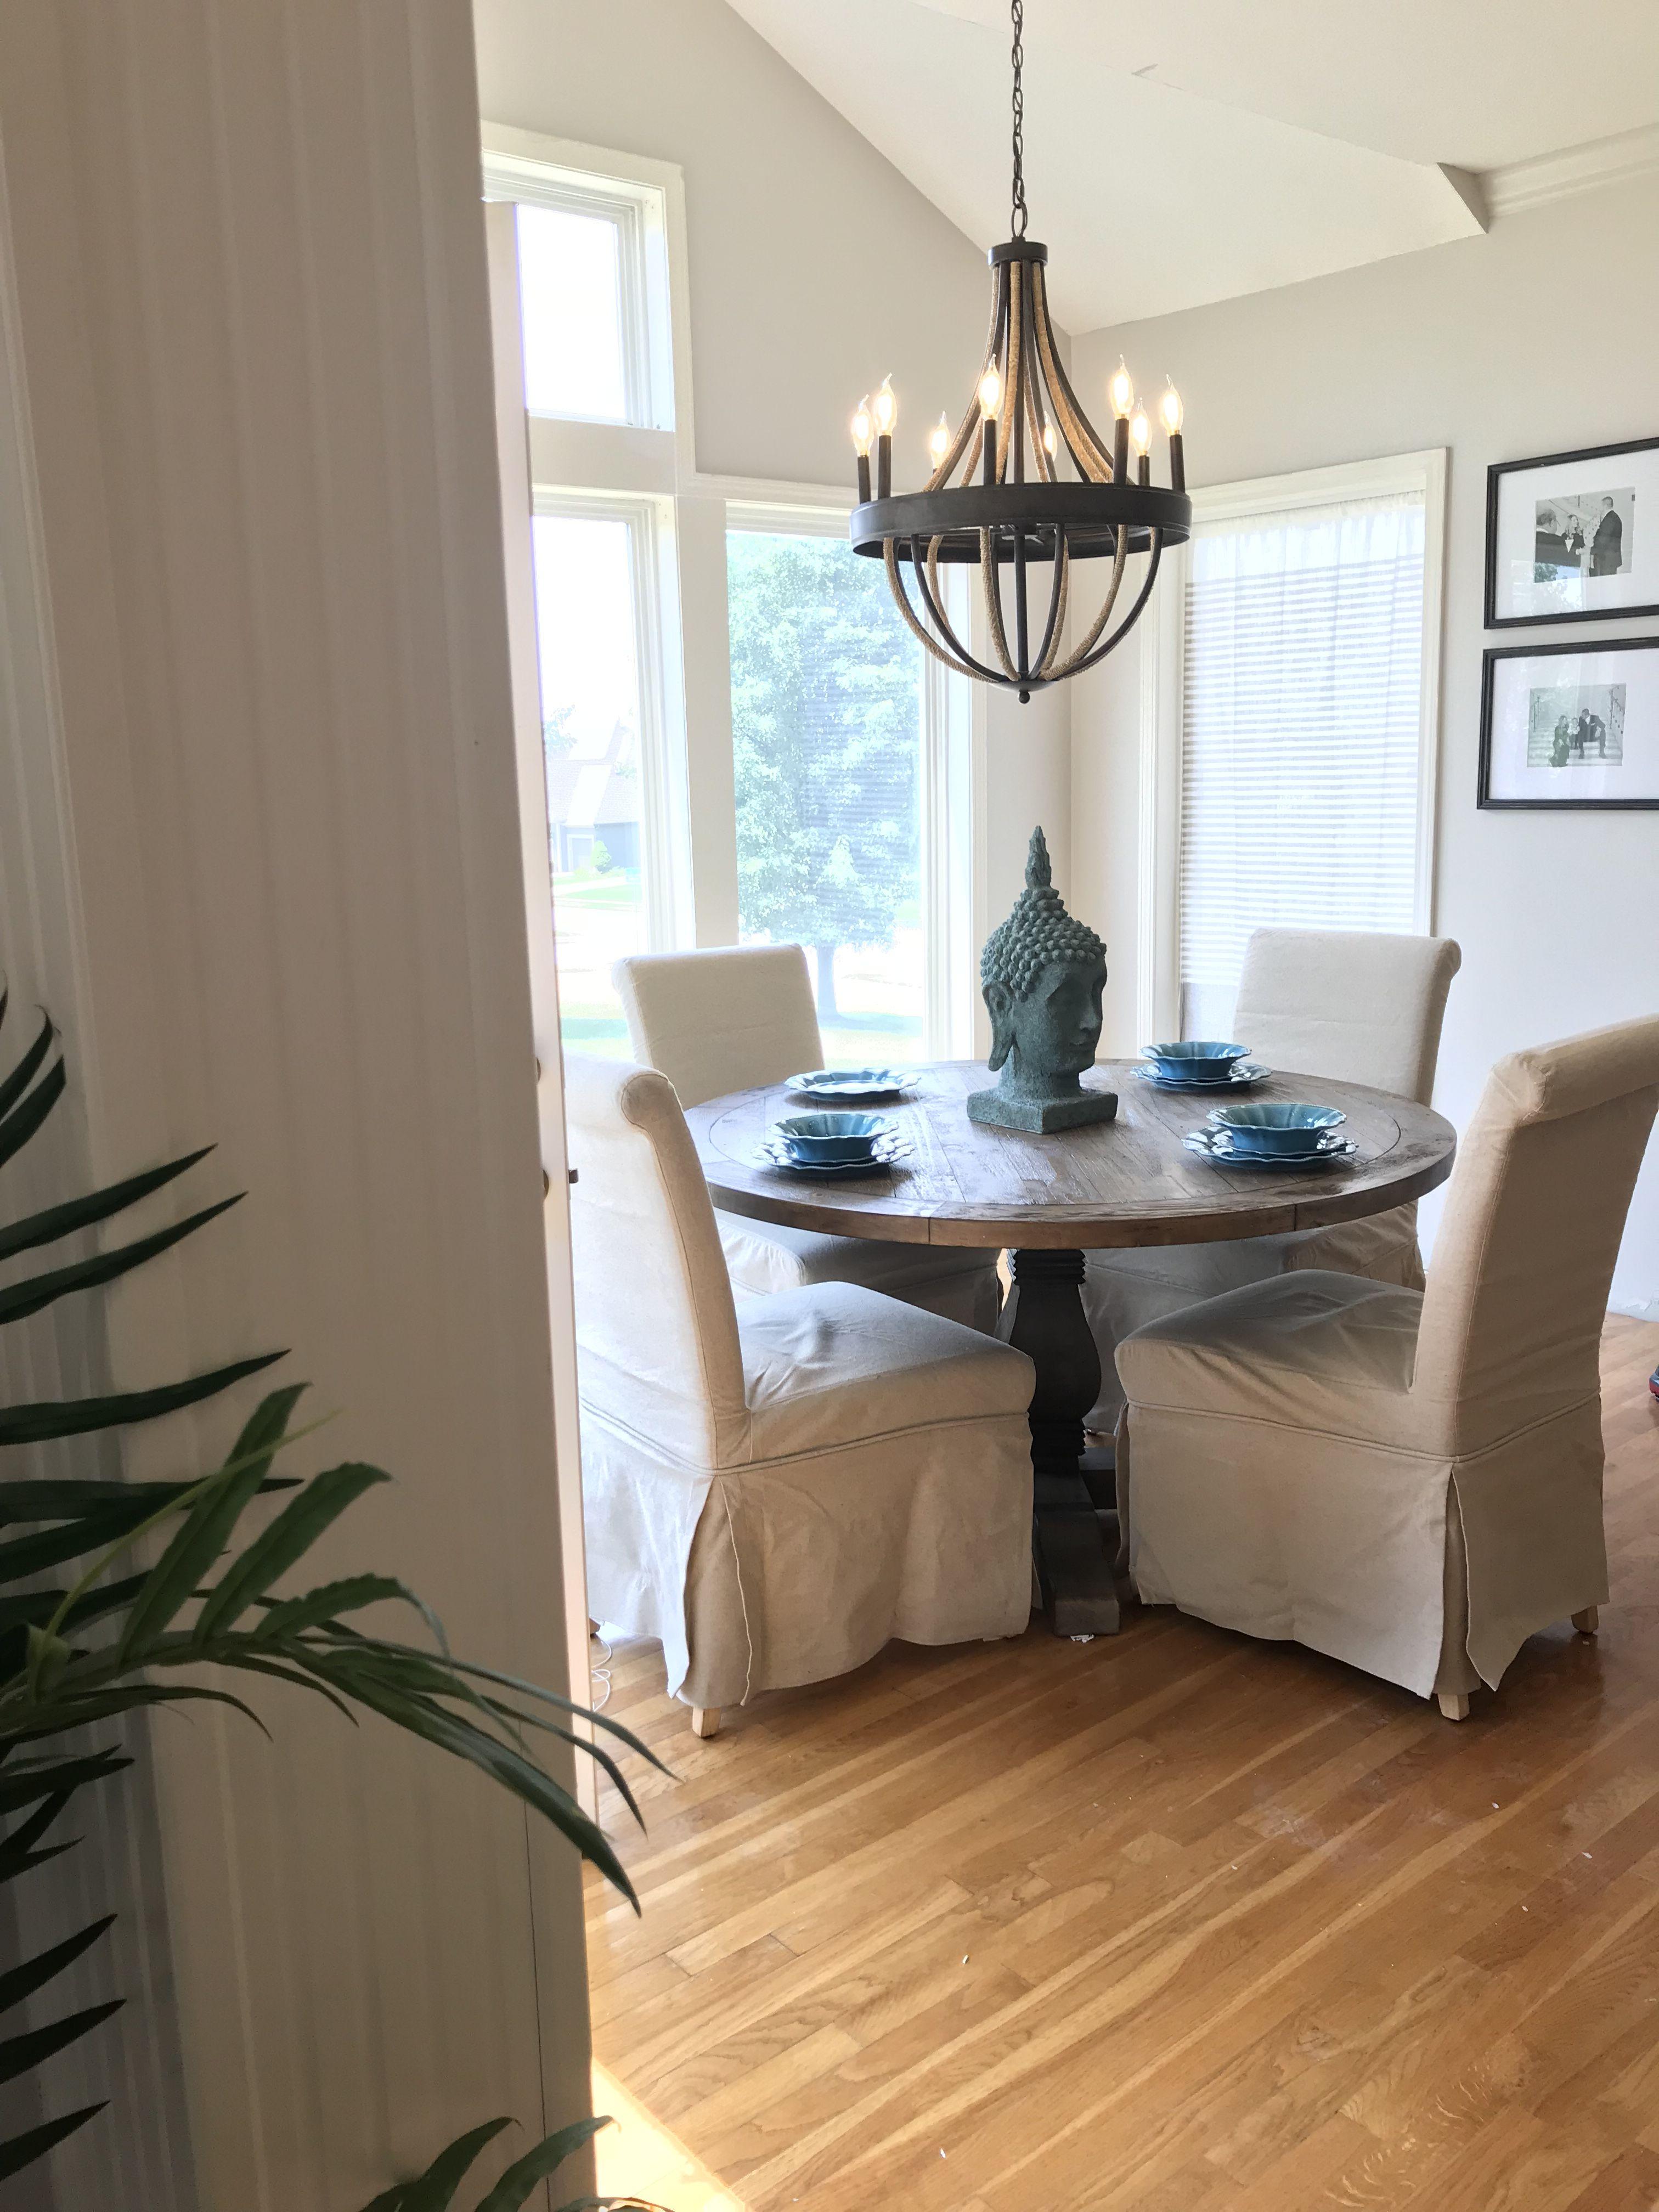 Kitchen Dining Interior Design: Breakfast Nook Kitchen Dining Round Table Lighting